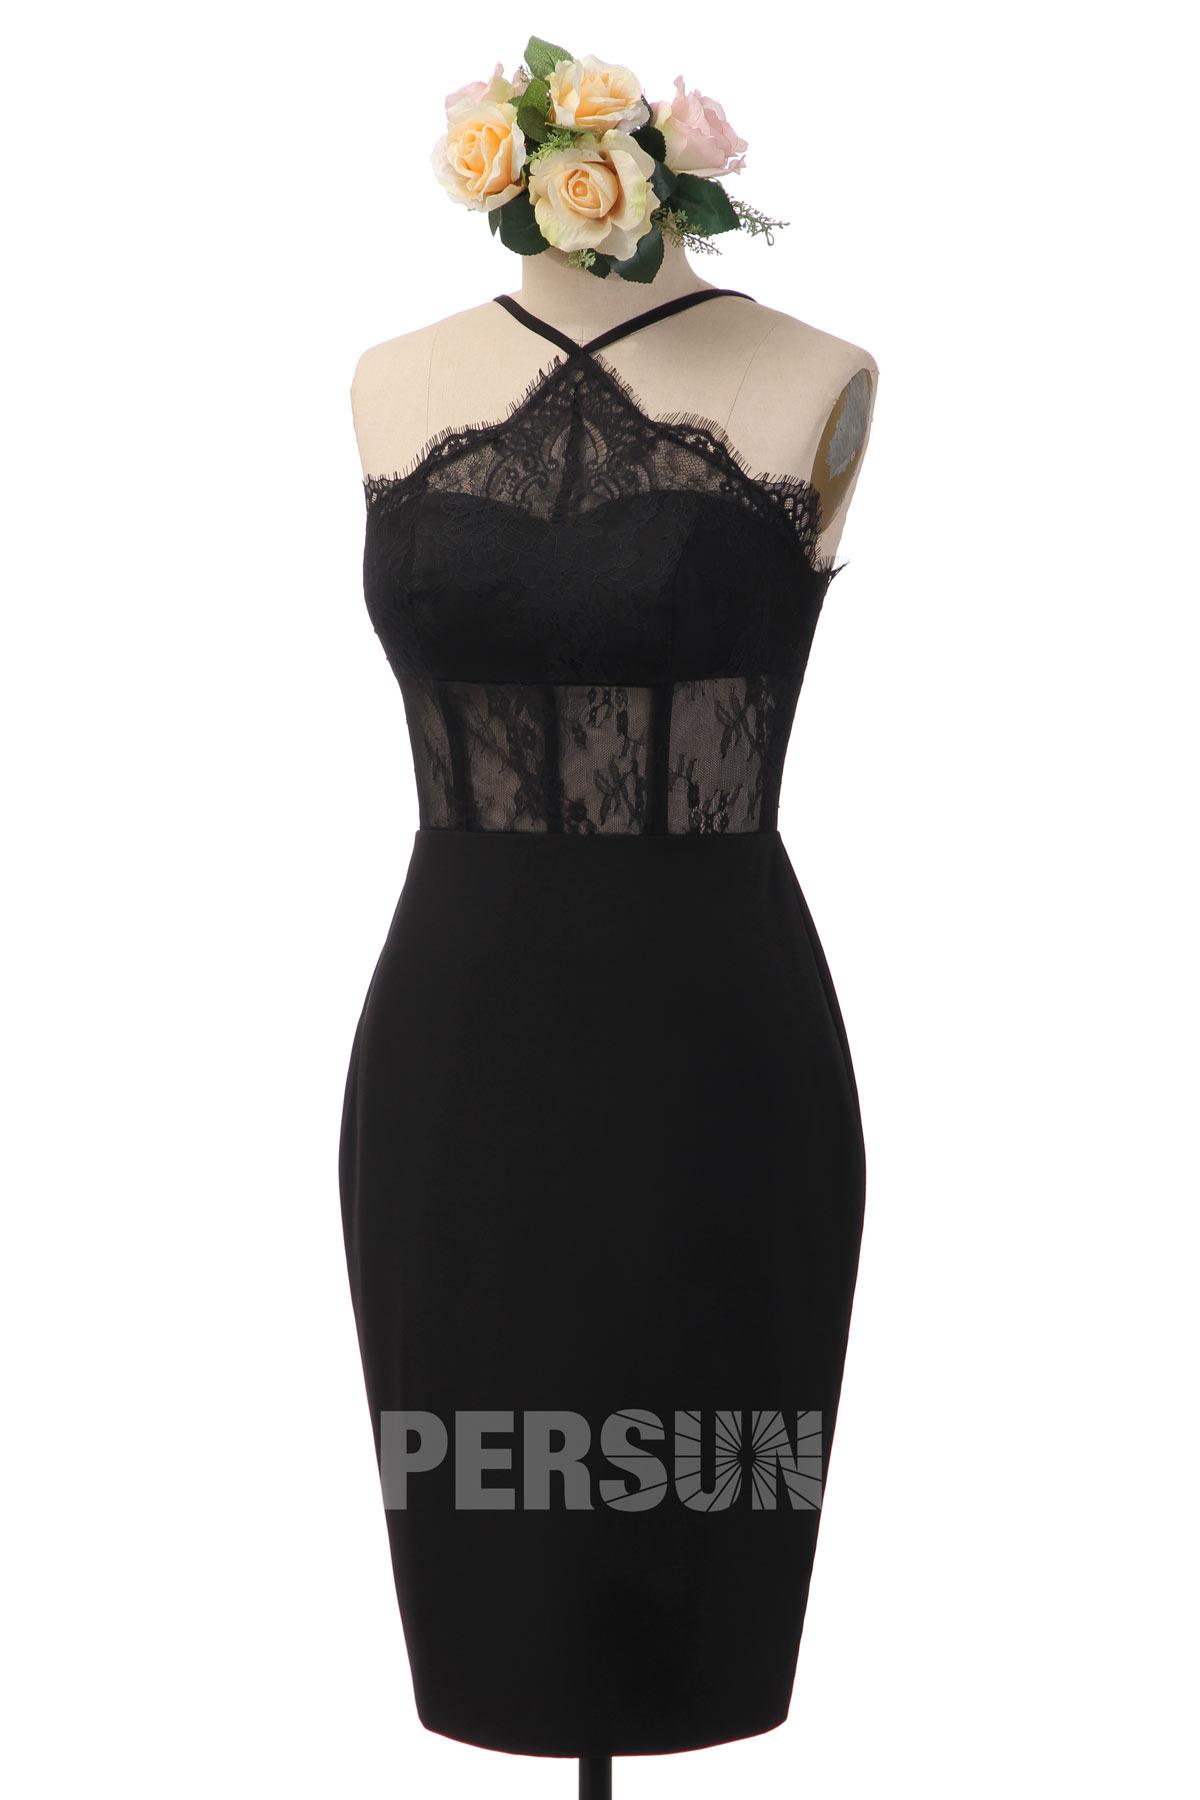 petite robe noire moulante taille transparente